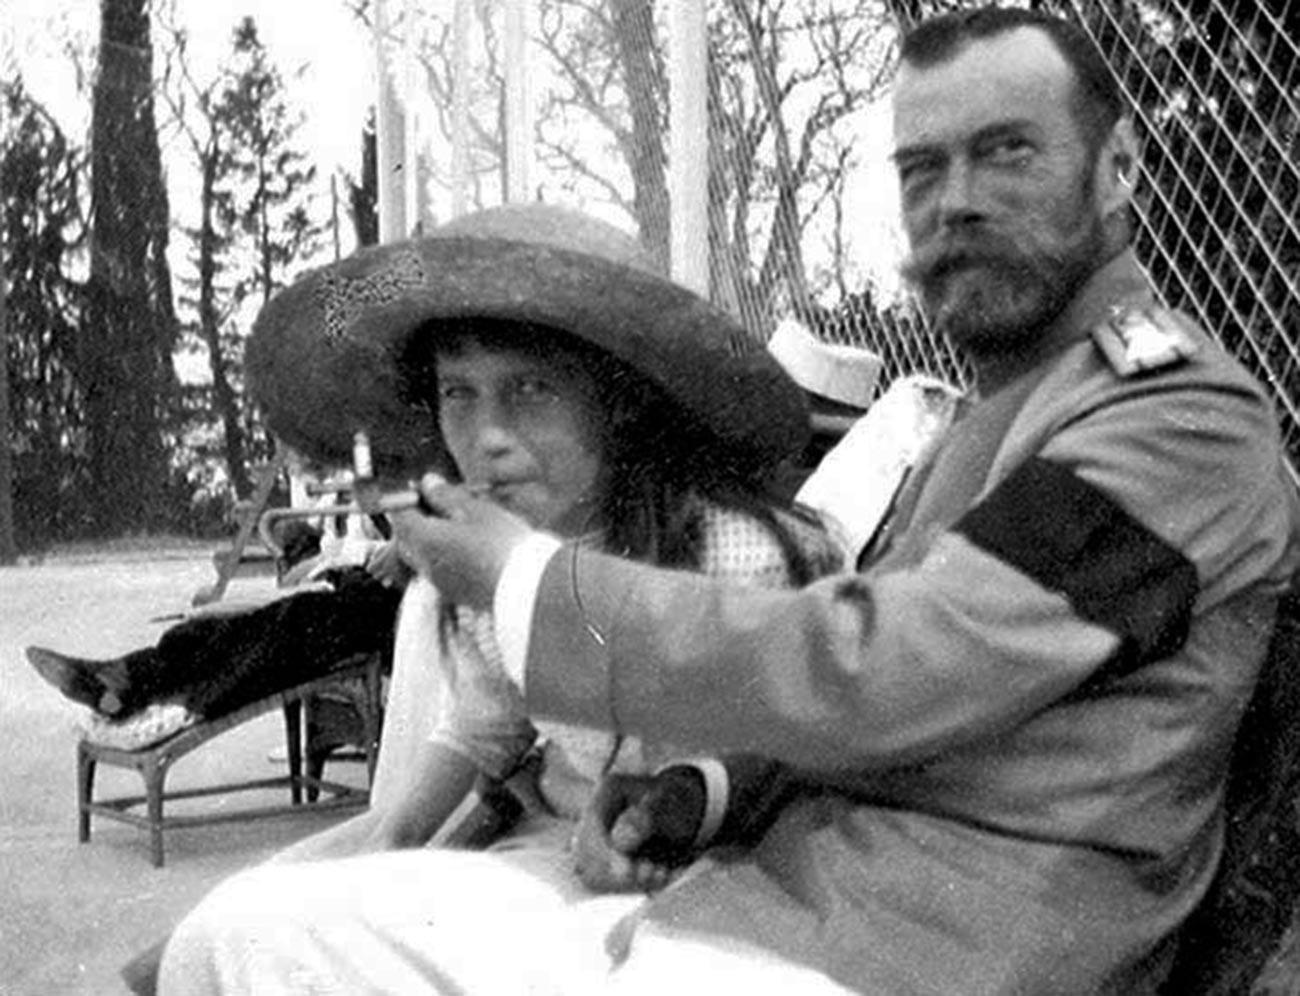 Nicholas II menawarkan Anastasia menghisap rokok dari pipa cerutunya.